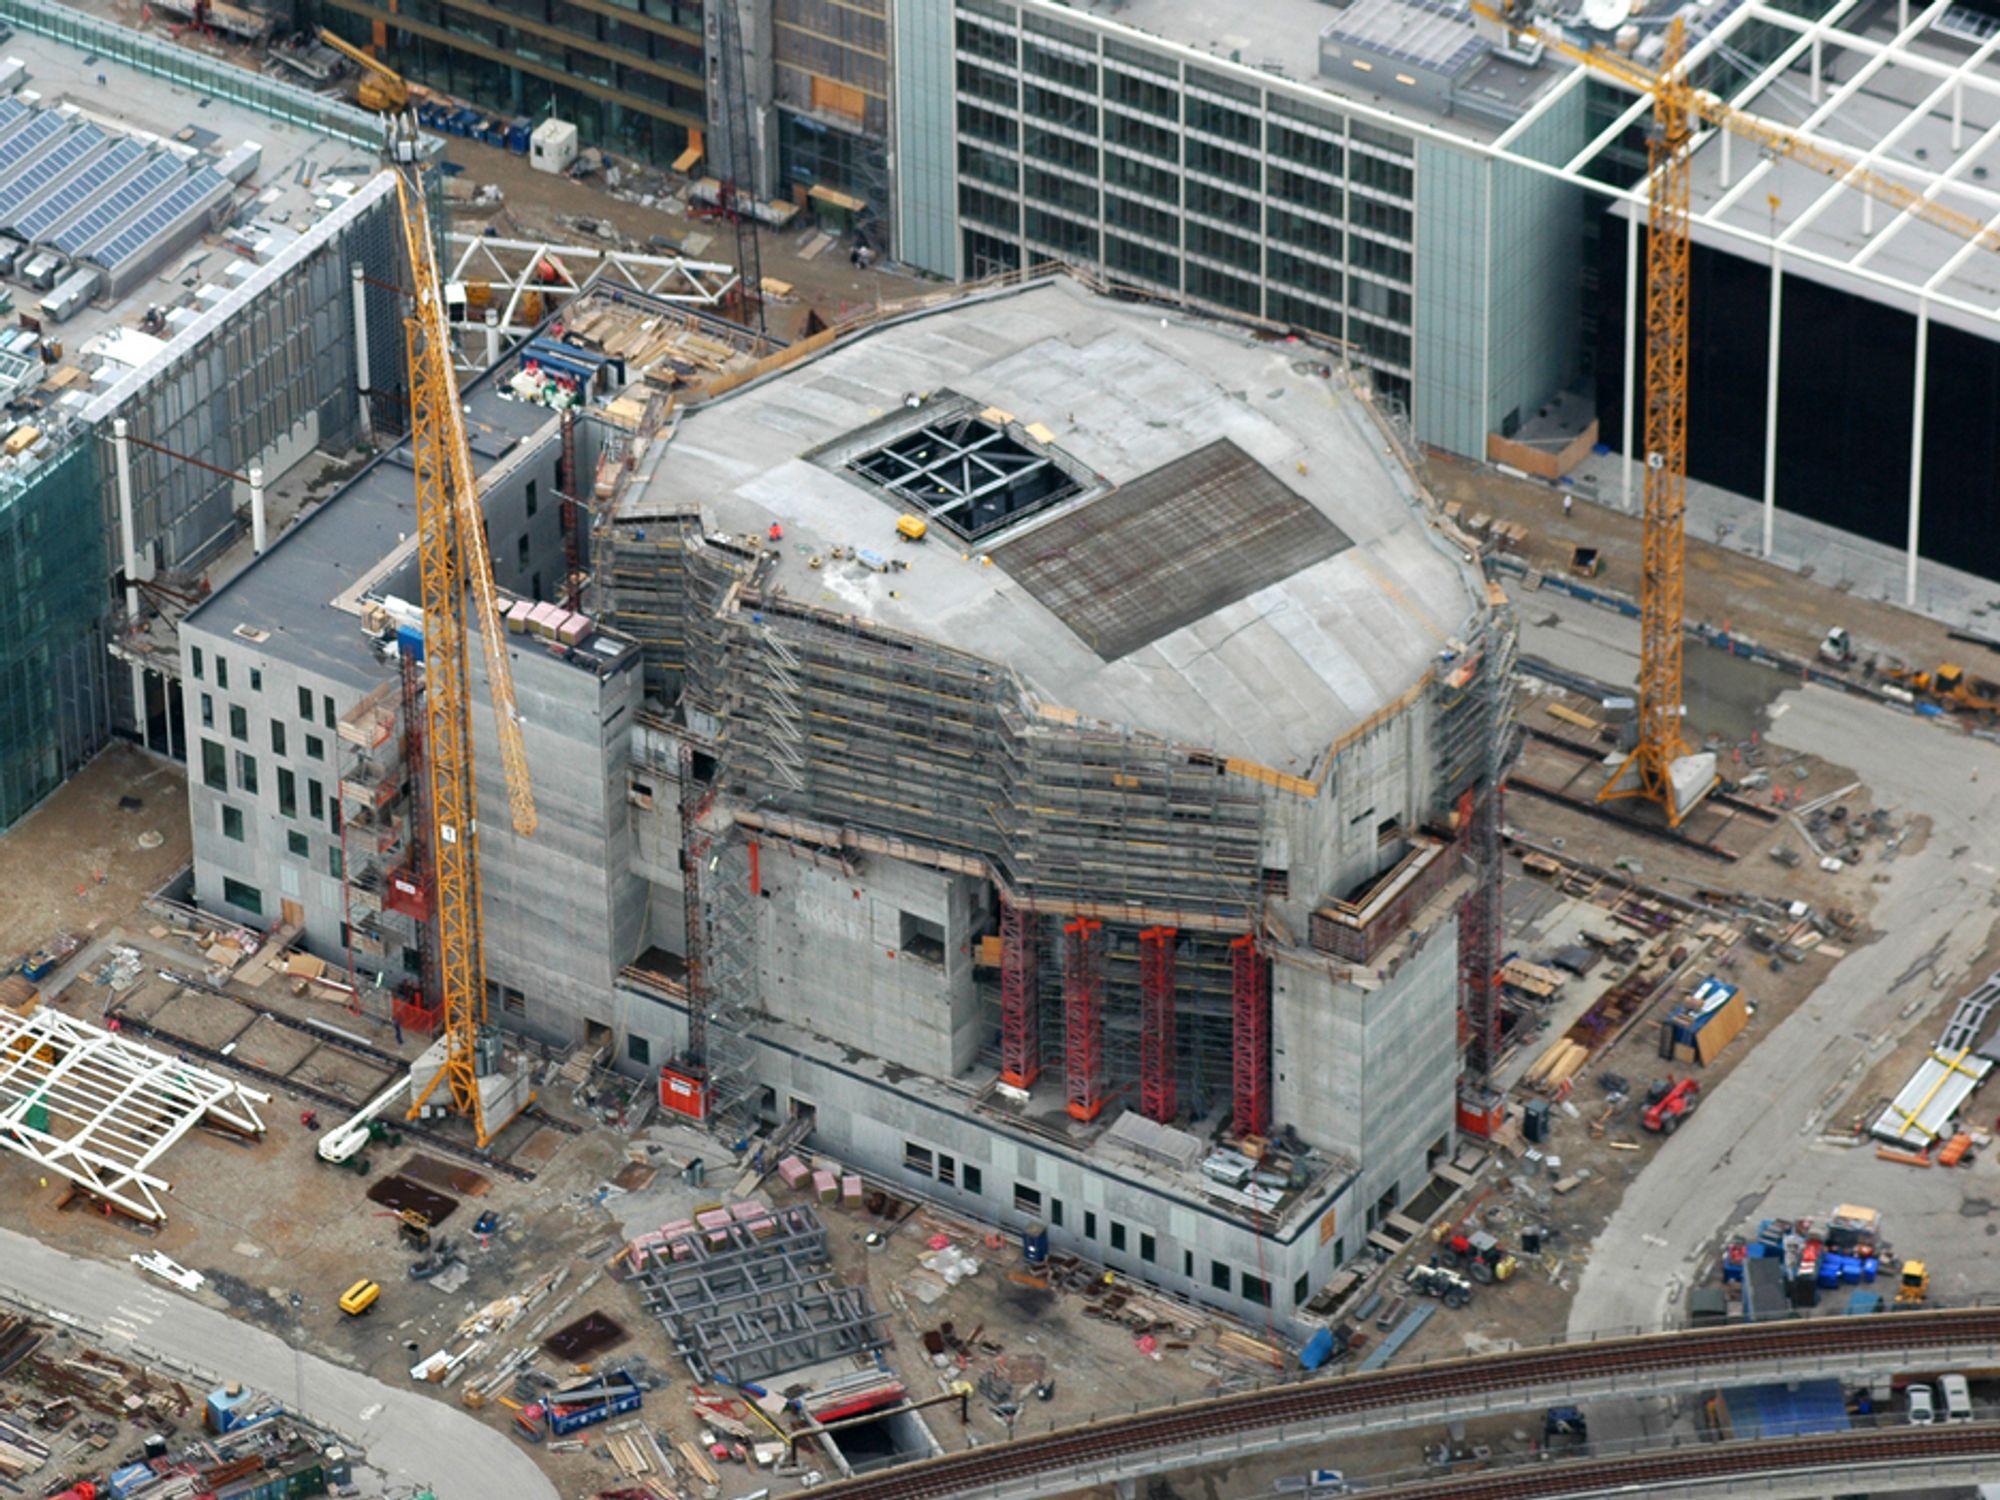 STORPROSJEKT: Konserthuset i DR Byen er komplekst bygg. Det hjelper ikke særlig at budsjettet for lengst er sprengt.